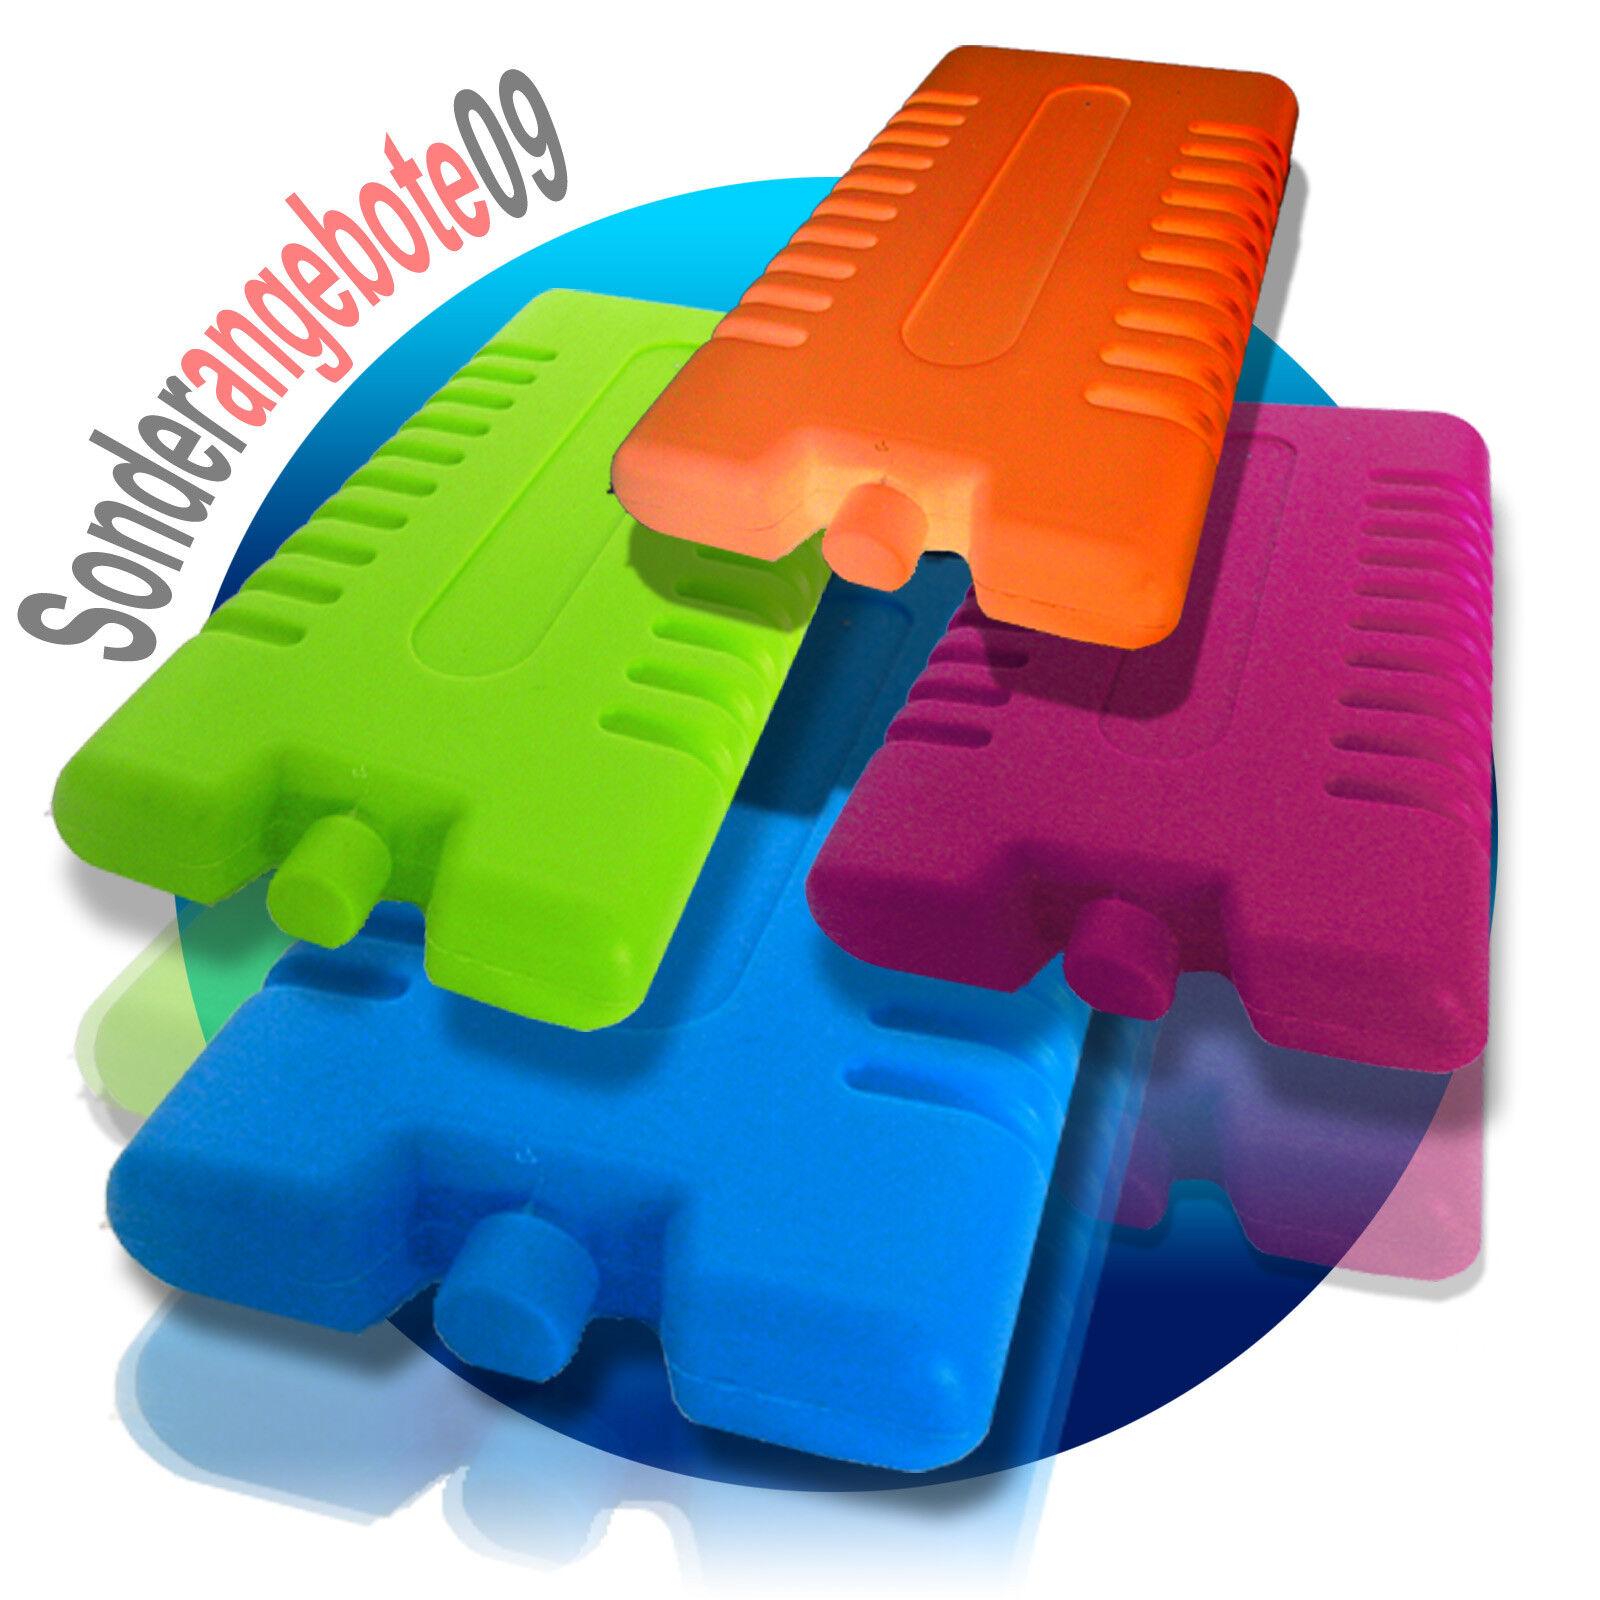 Kühlakku Kühlelemente 1-144 Stück Kühlakkus Farbauswahl 250ml 12h Eisbox COOL